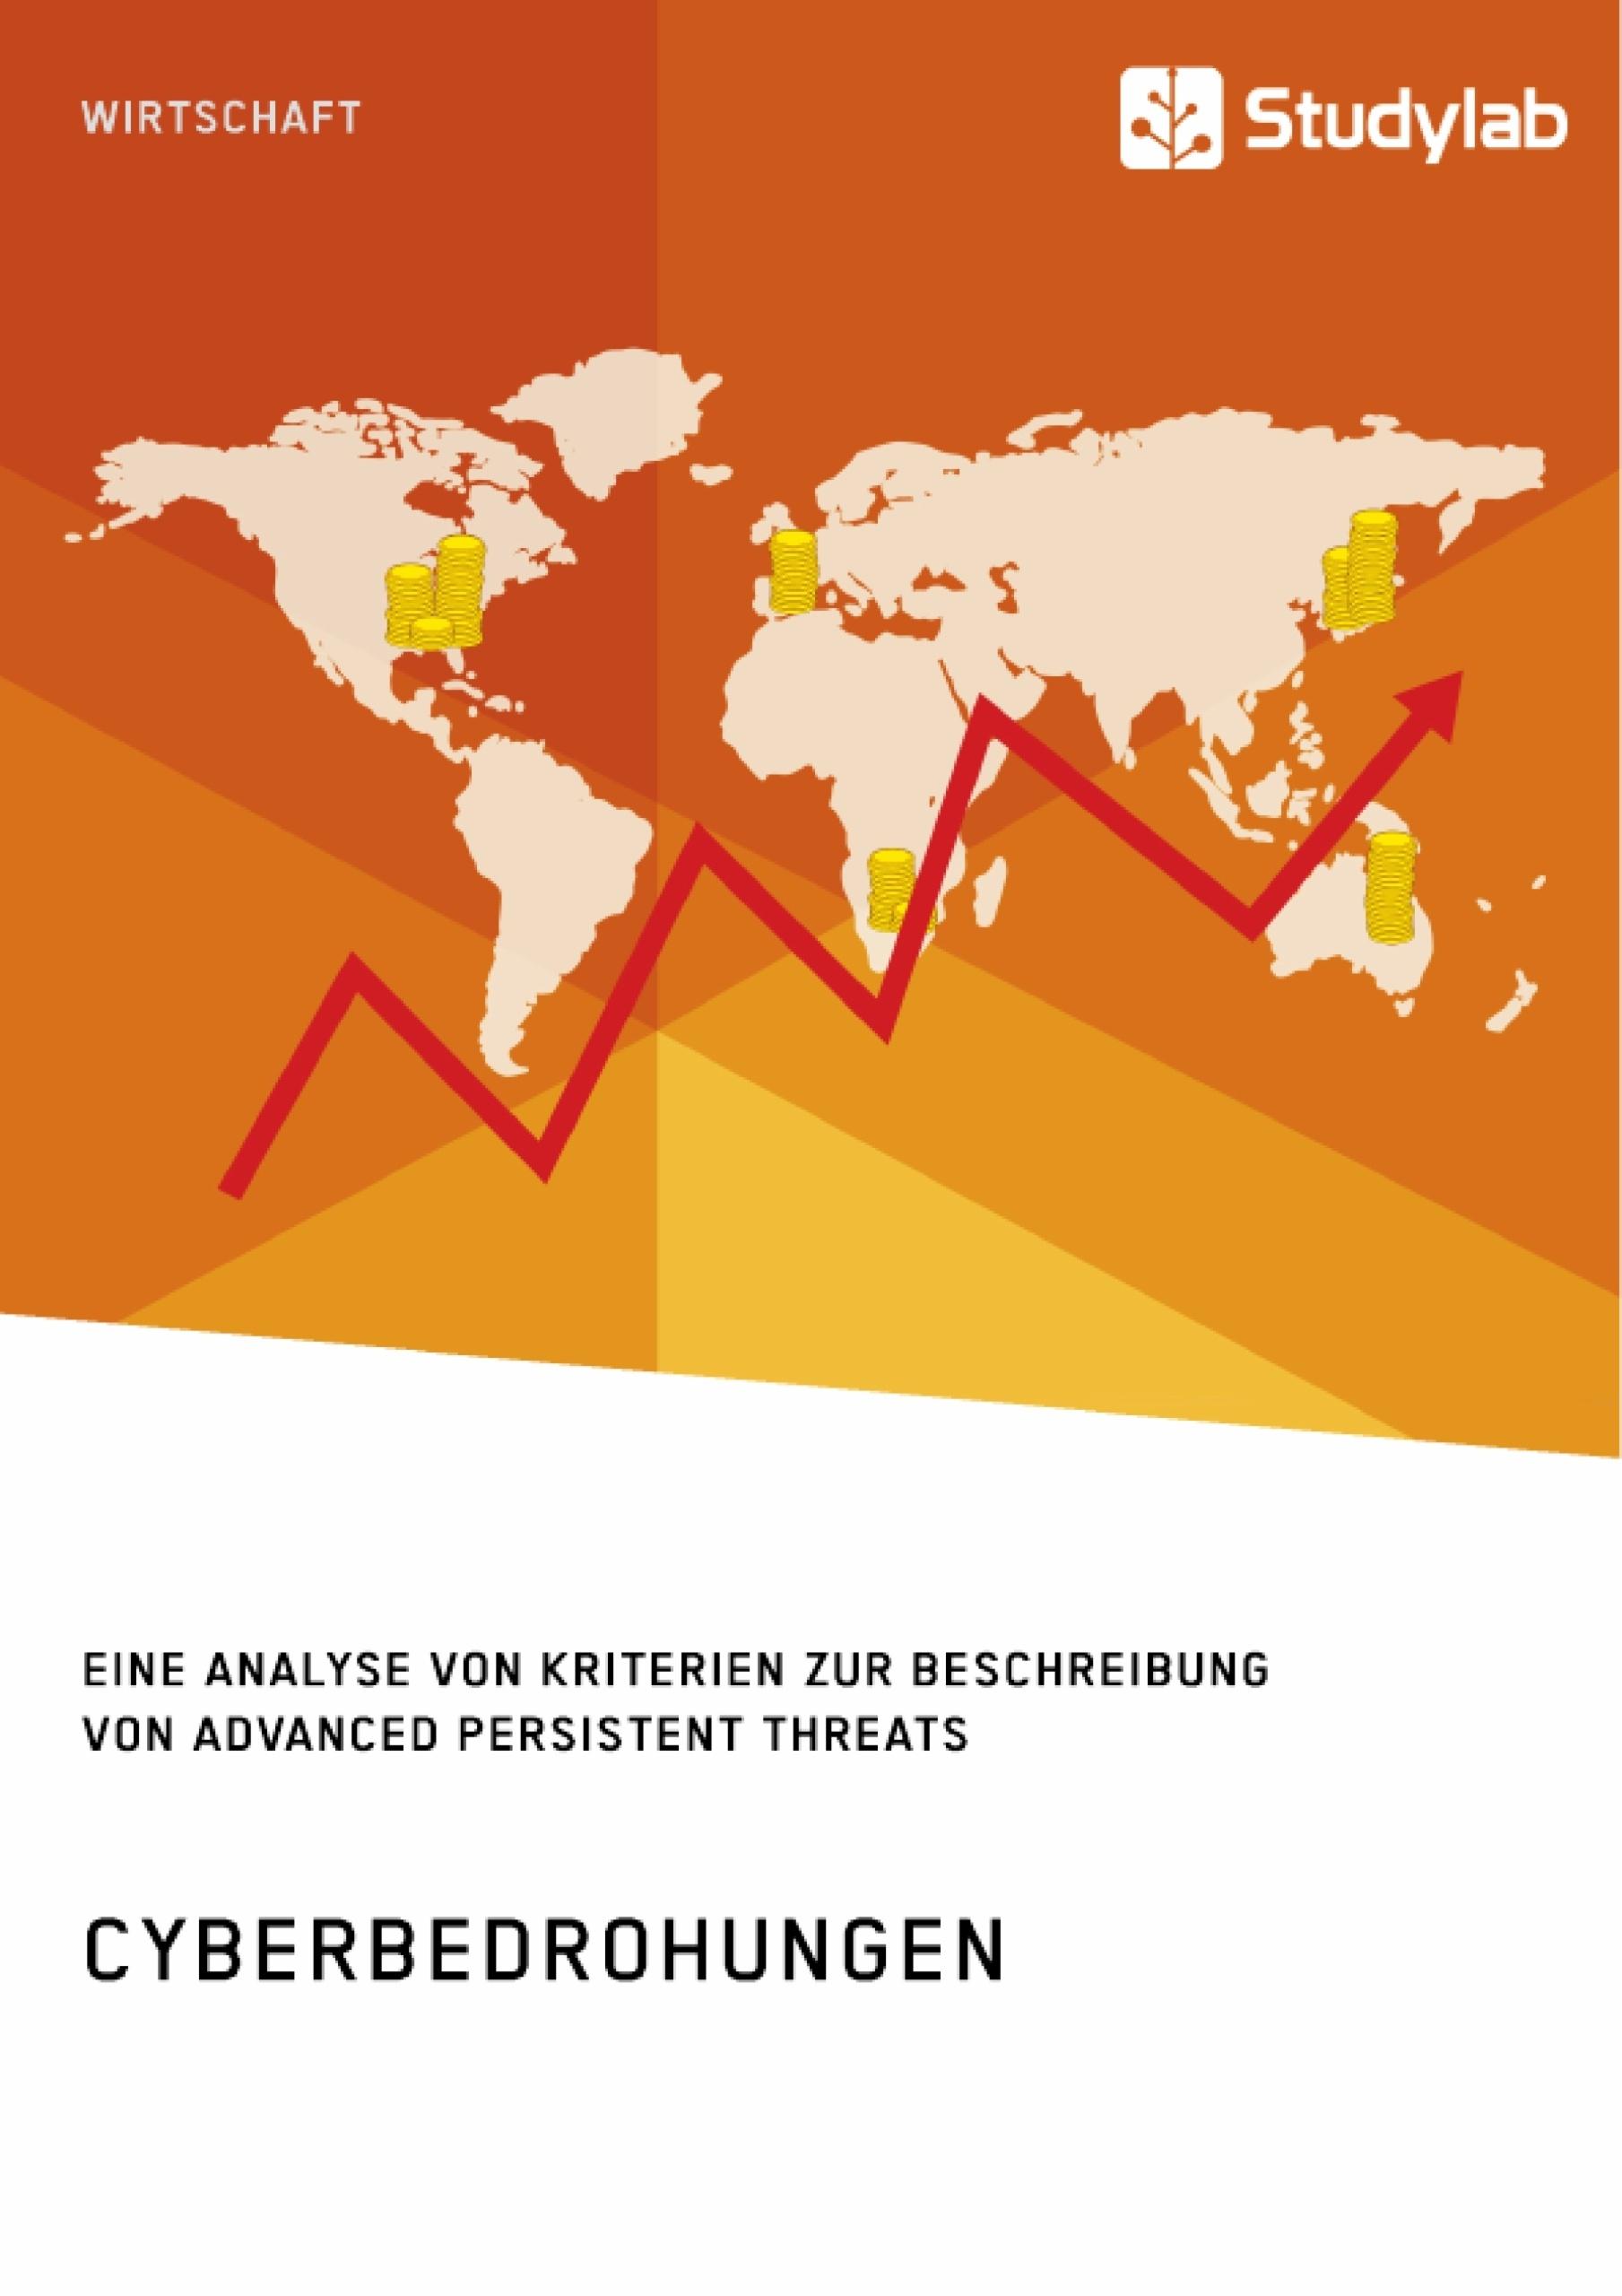 Titel: Cyberbedrohungen. Eine Analyse von Kriterien zur Beschreibung von Advanced Persistent Threats